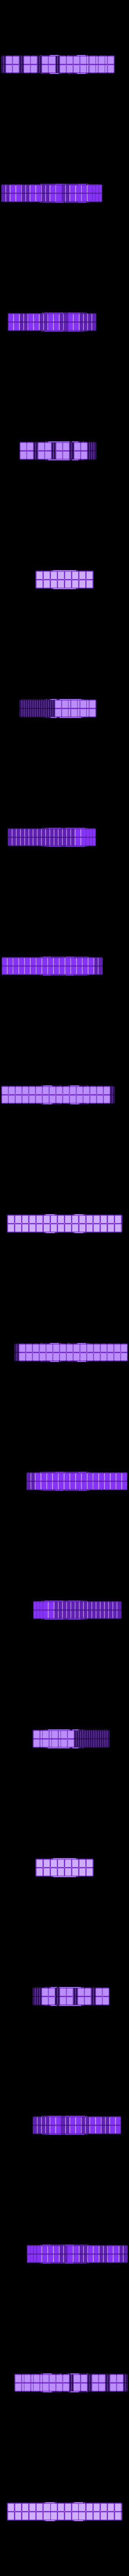 TechnoGothicVentedWallA.stl Télécharger fichier STL gratuit ScatterBlocks : Murs TechnoGothique (échelle 28mm/32mm) • Plan pour impression 3D, Dutchmogul